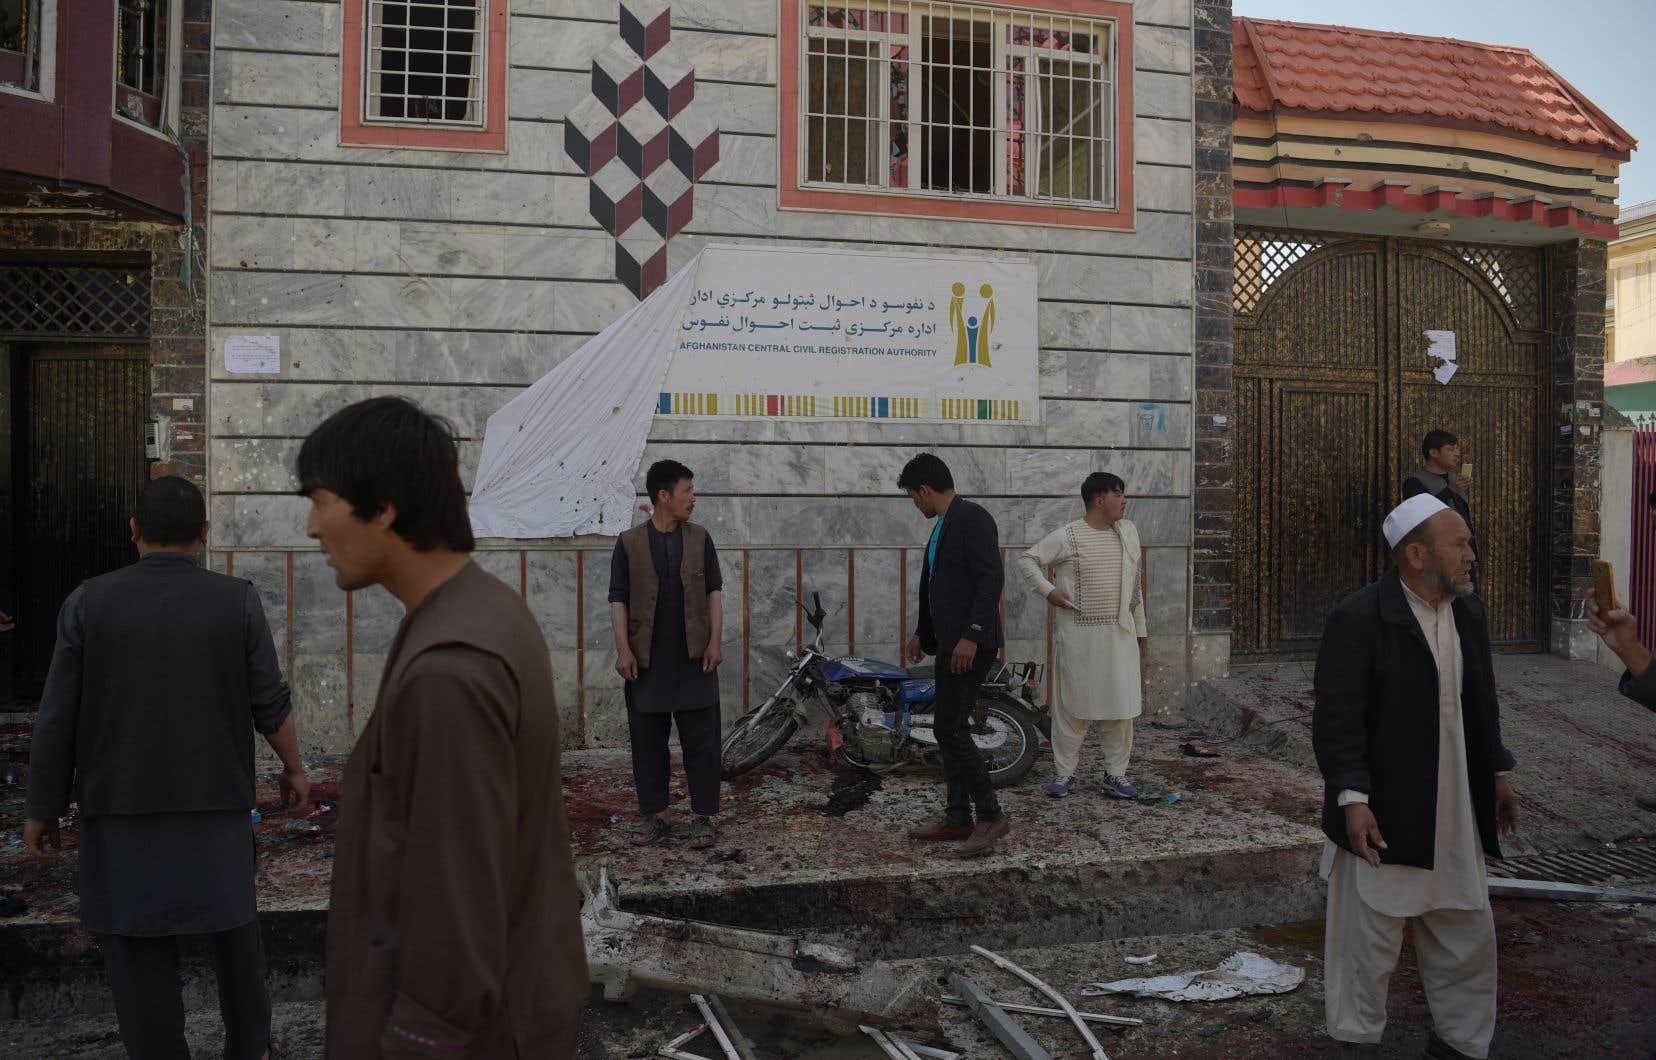 L'attentat s'est produit dans le quartier majoritairement chiite de l'ouest de Kaboul, Dasht-e-Barchi.